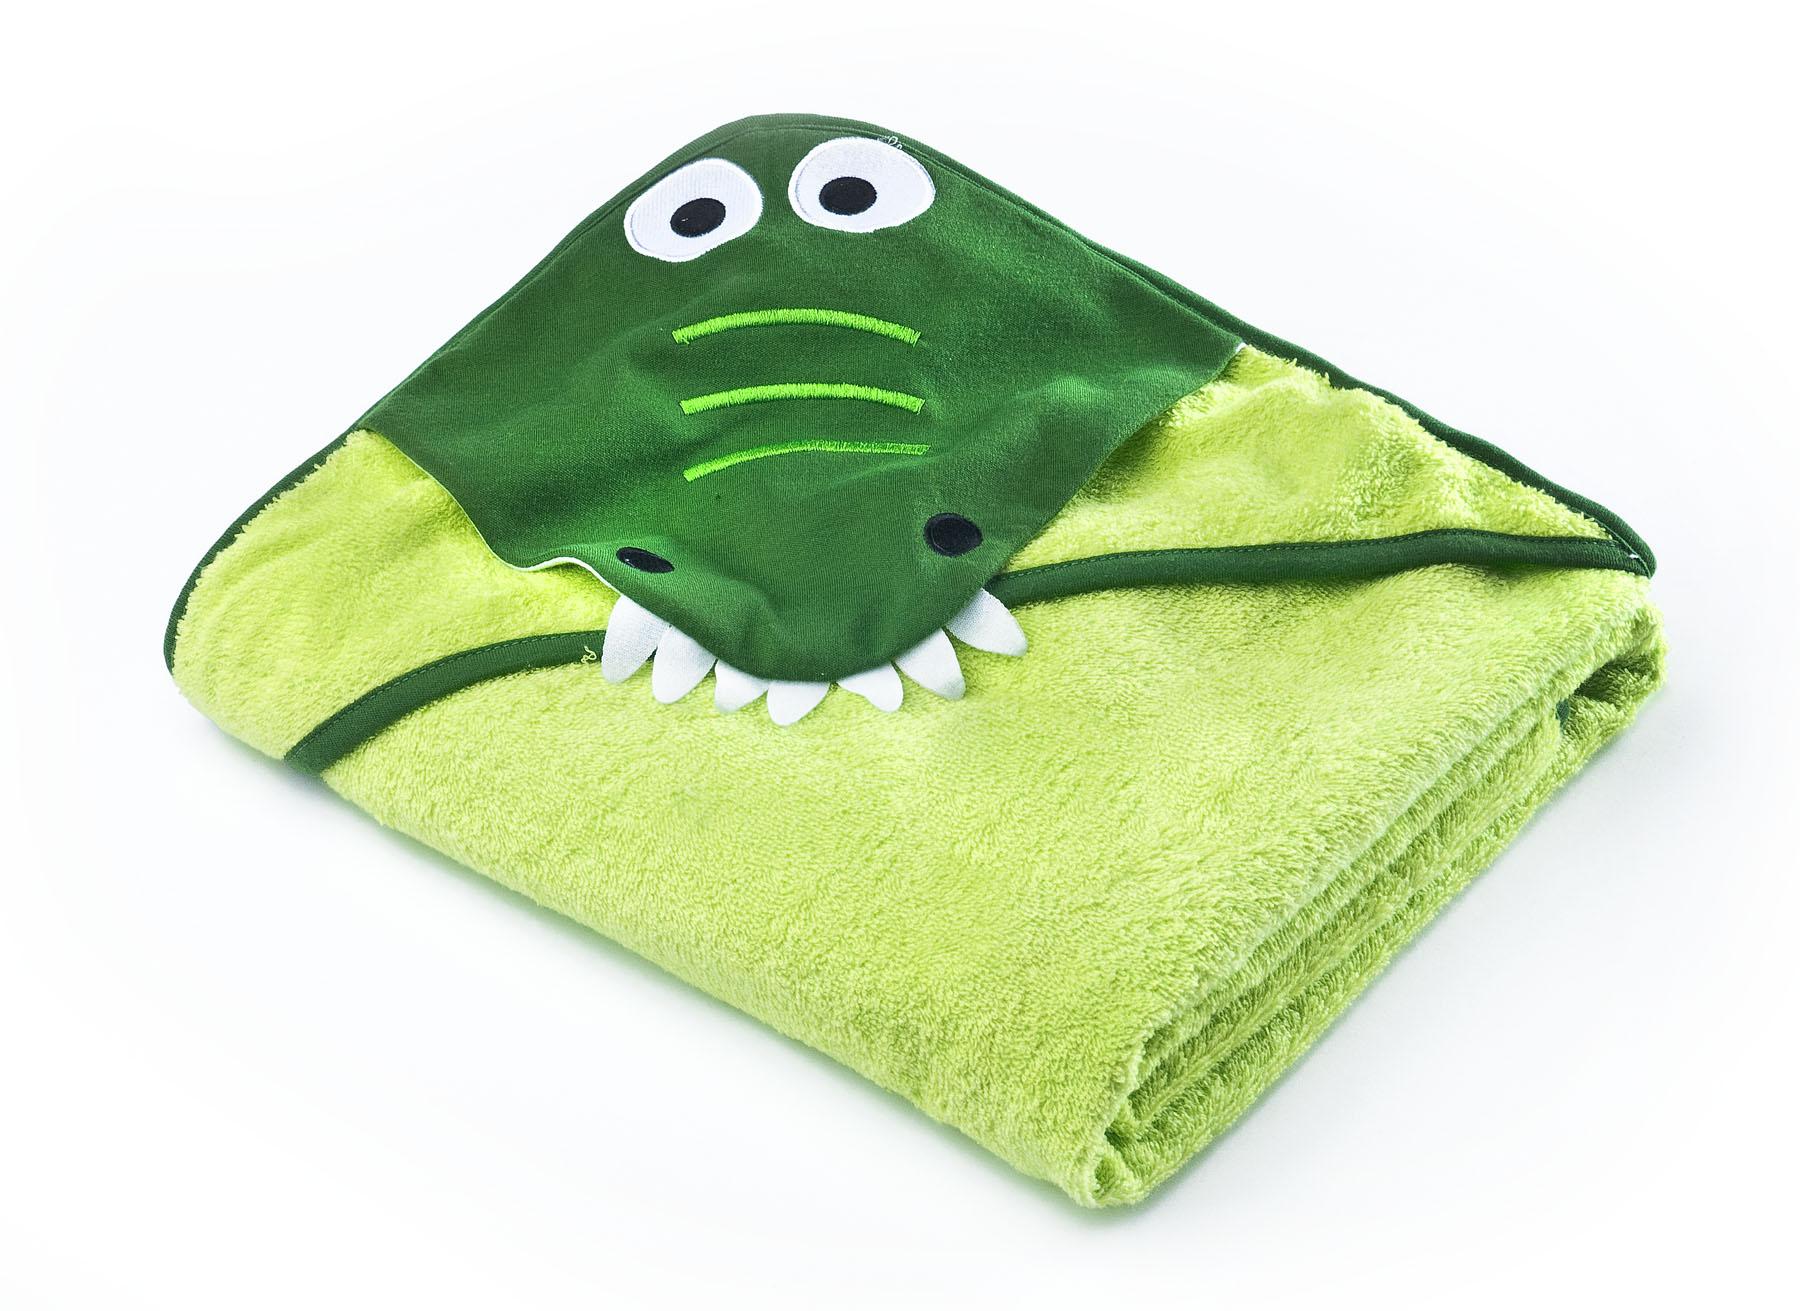 Miękkie okrycie kąpielowe Water Friends – krokodyl zielony